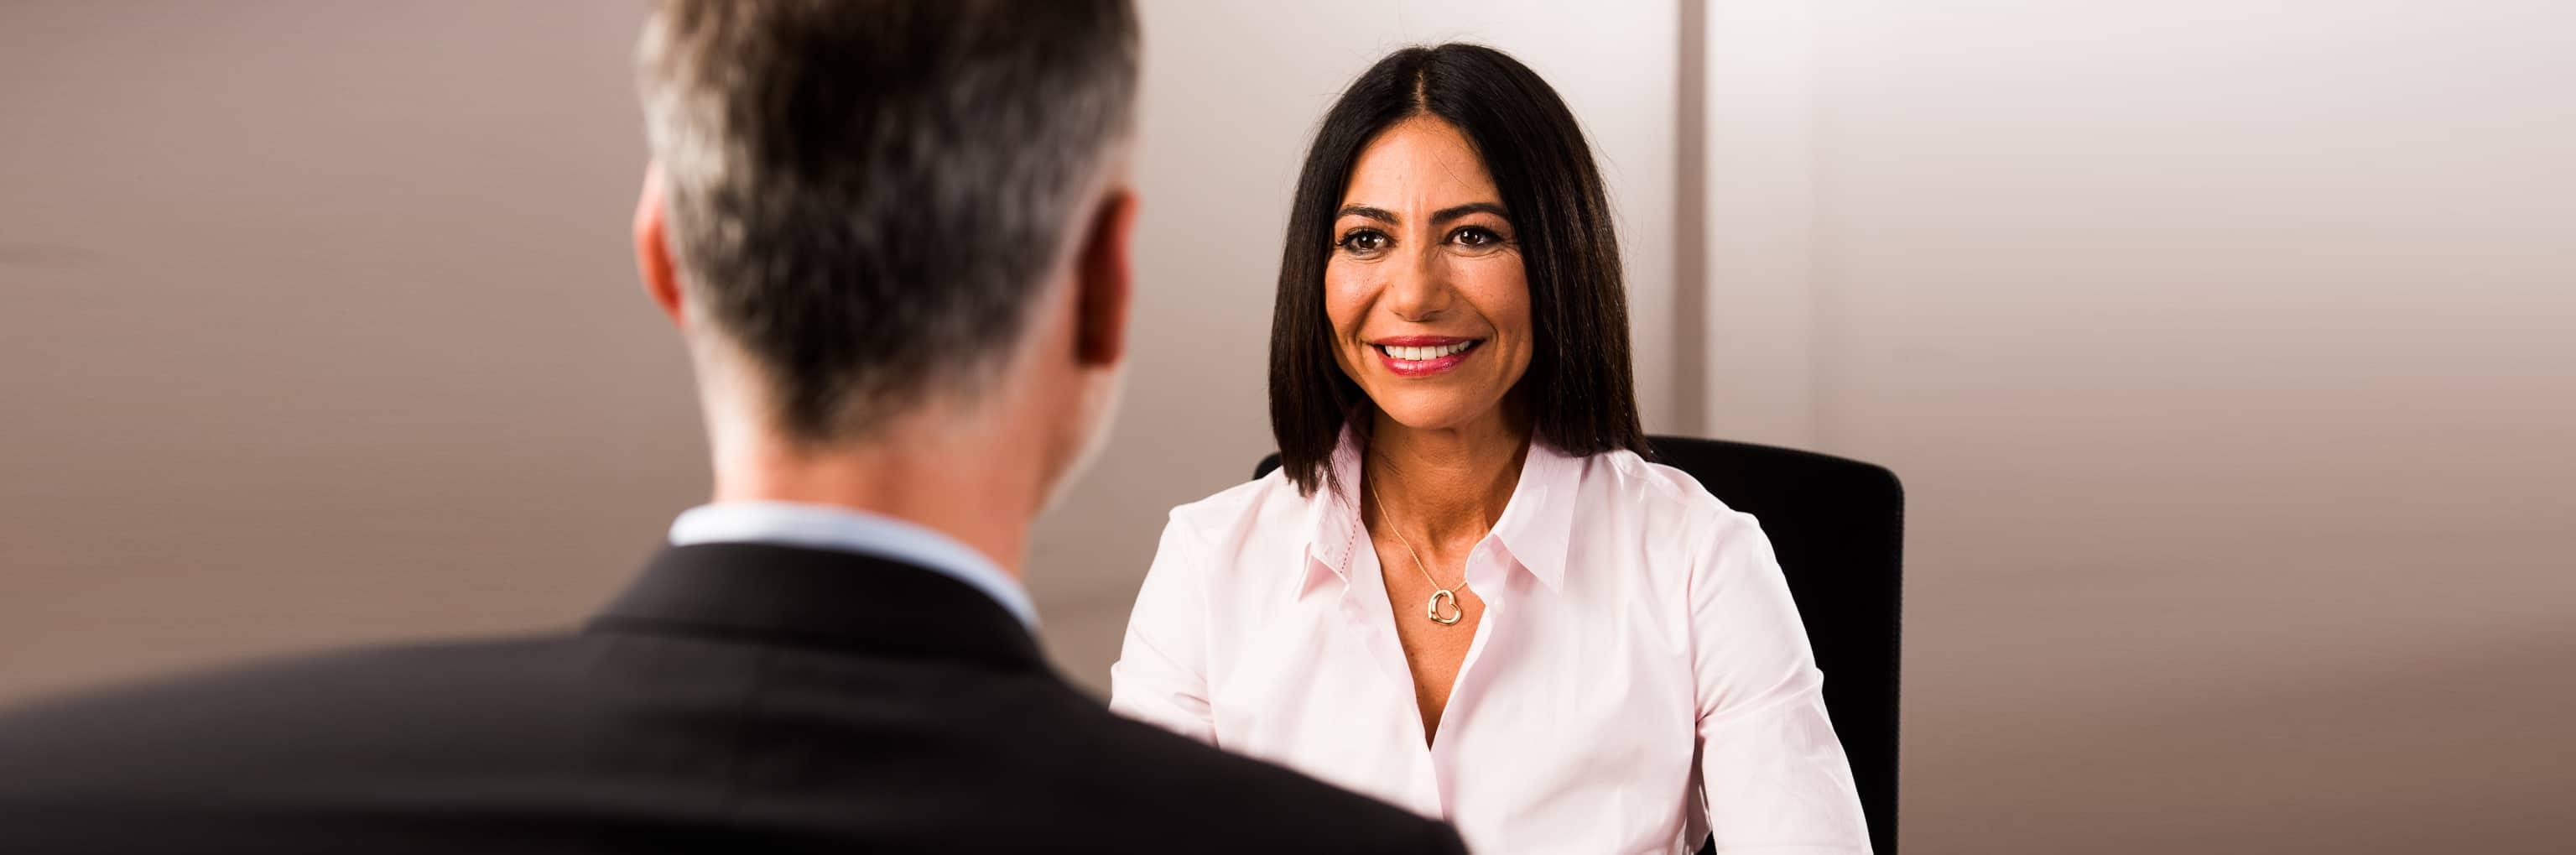 Helga von Caprivi - Geschäftsführerin der von Caprivi GmbH Fachpersonal in Stuttgart